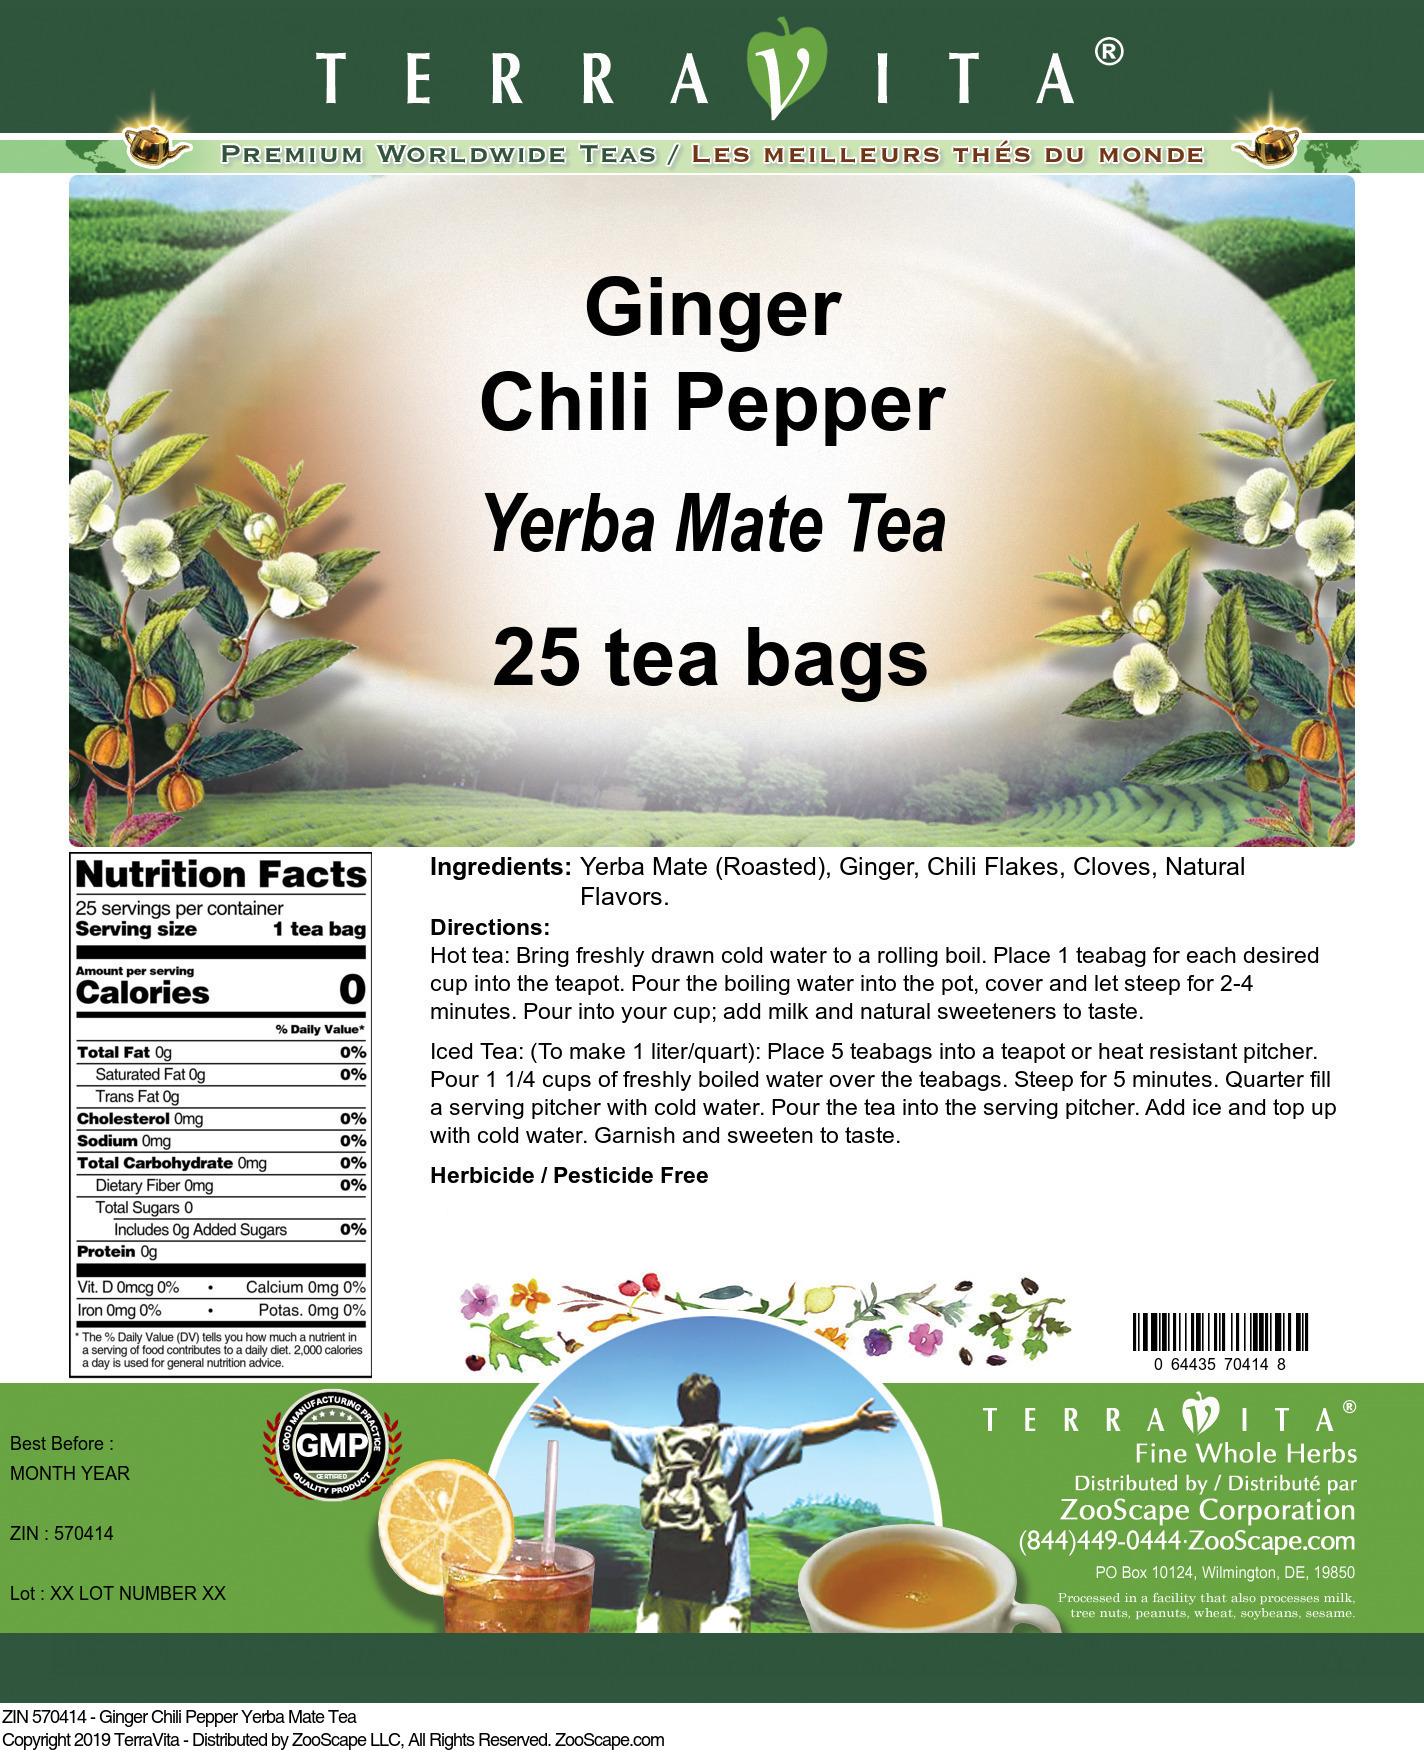 Ginger Chili Pepper Yerba Mate